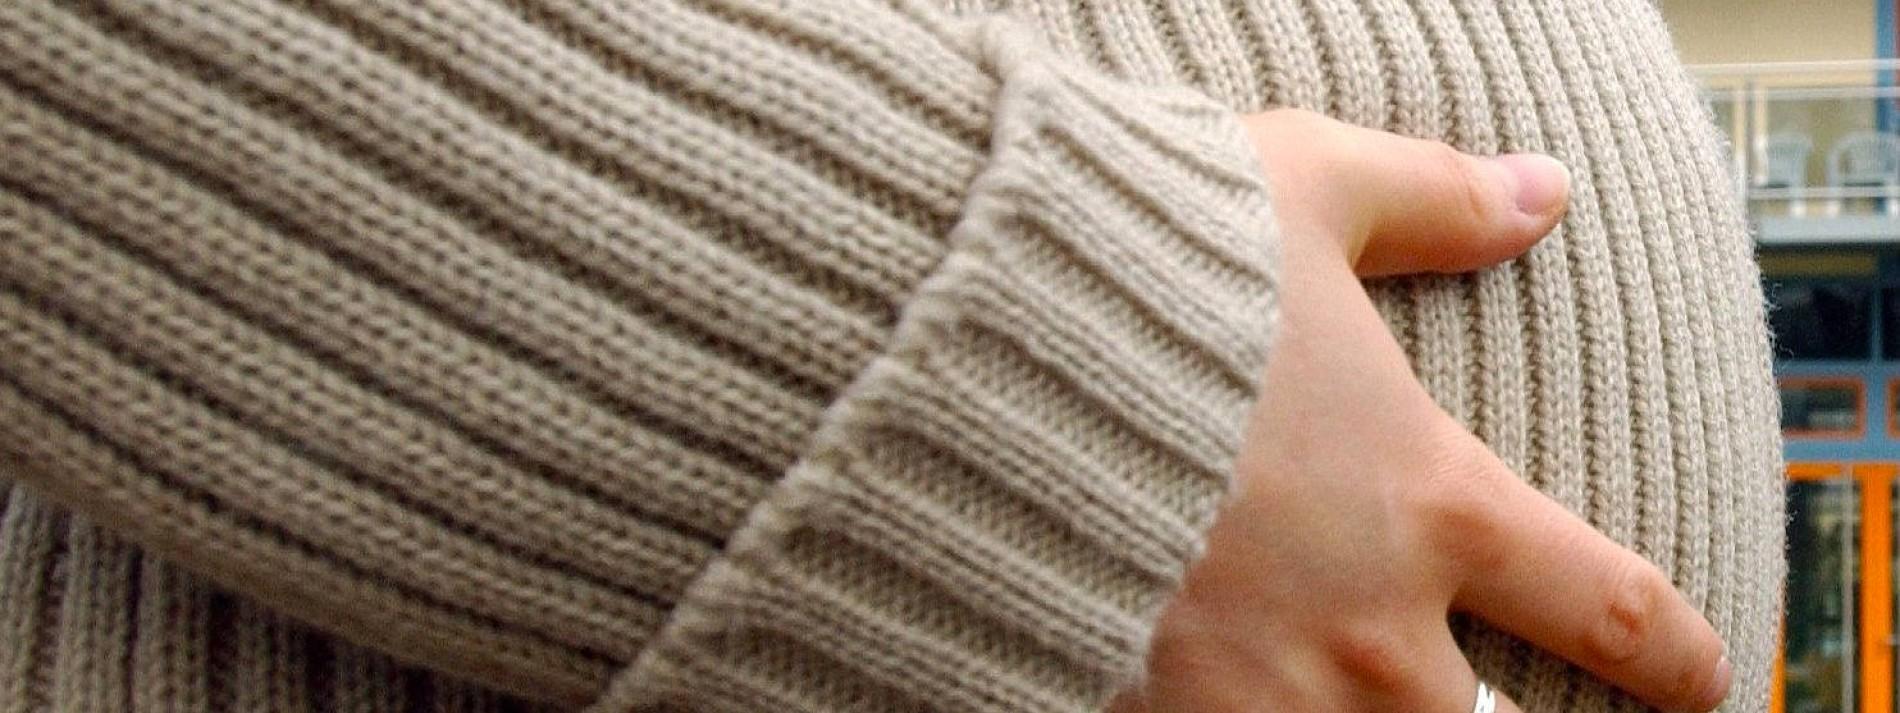 Gericht erlaubt Leihmutterschaft für homosexuelle Paare